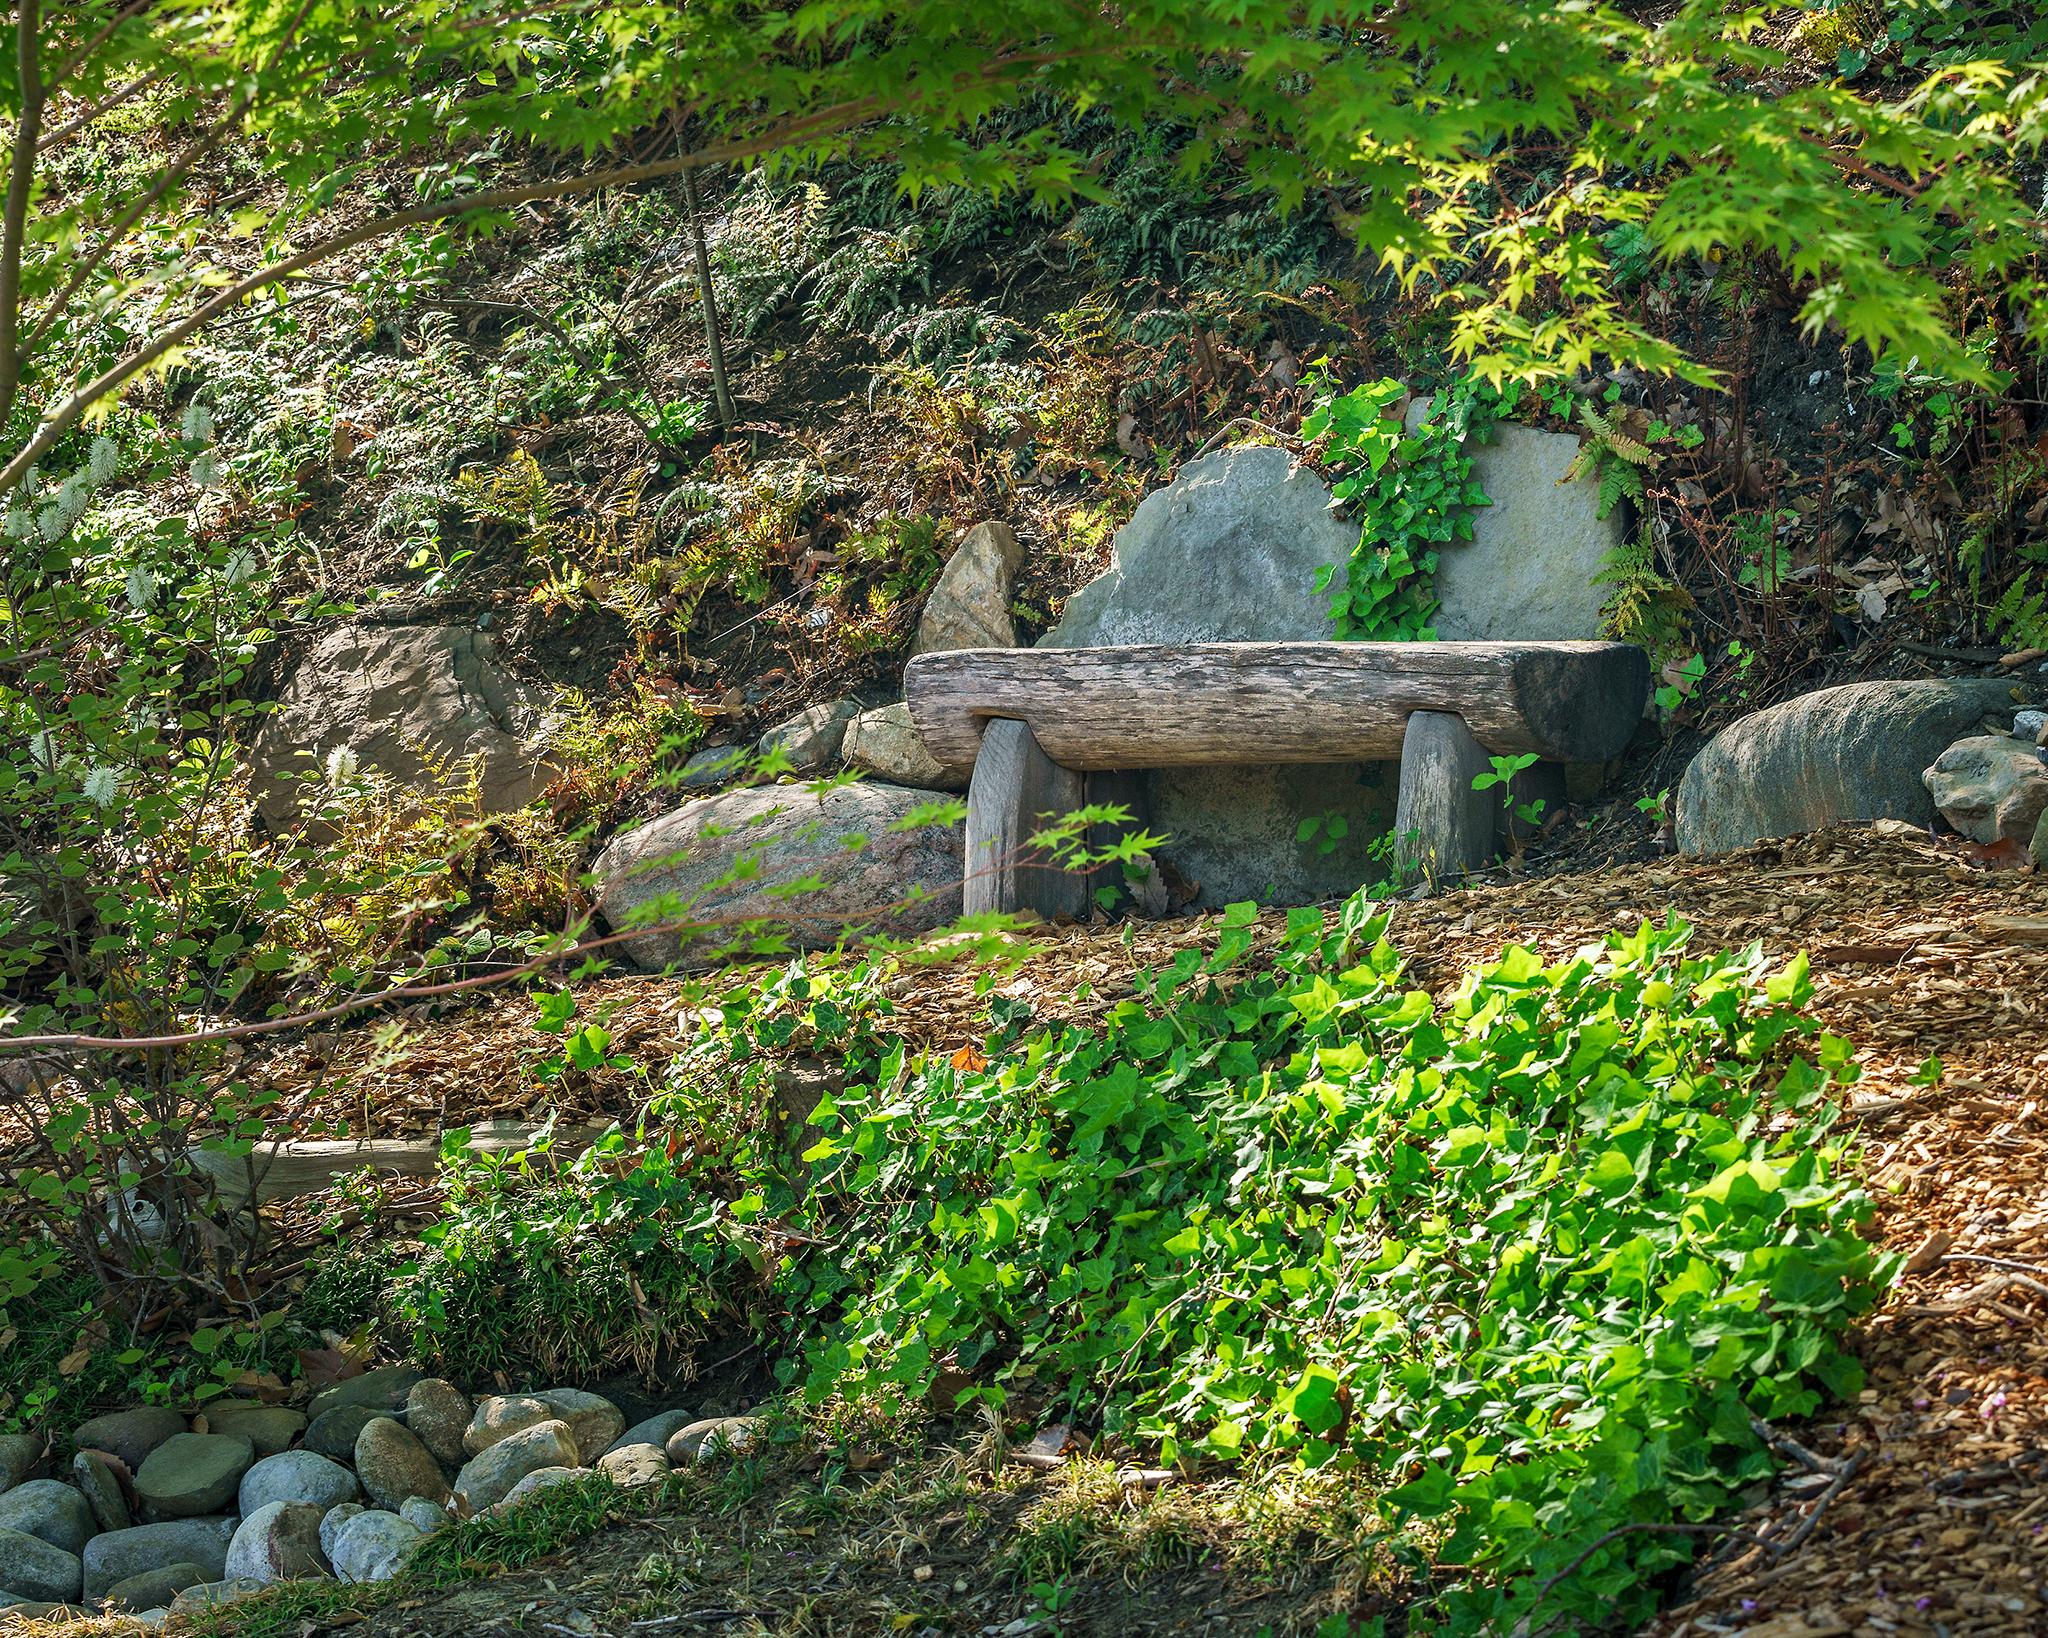 Landscape Architecture Photographs – Washington DC, Maryland, MD, Virginia, VA